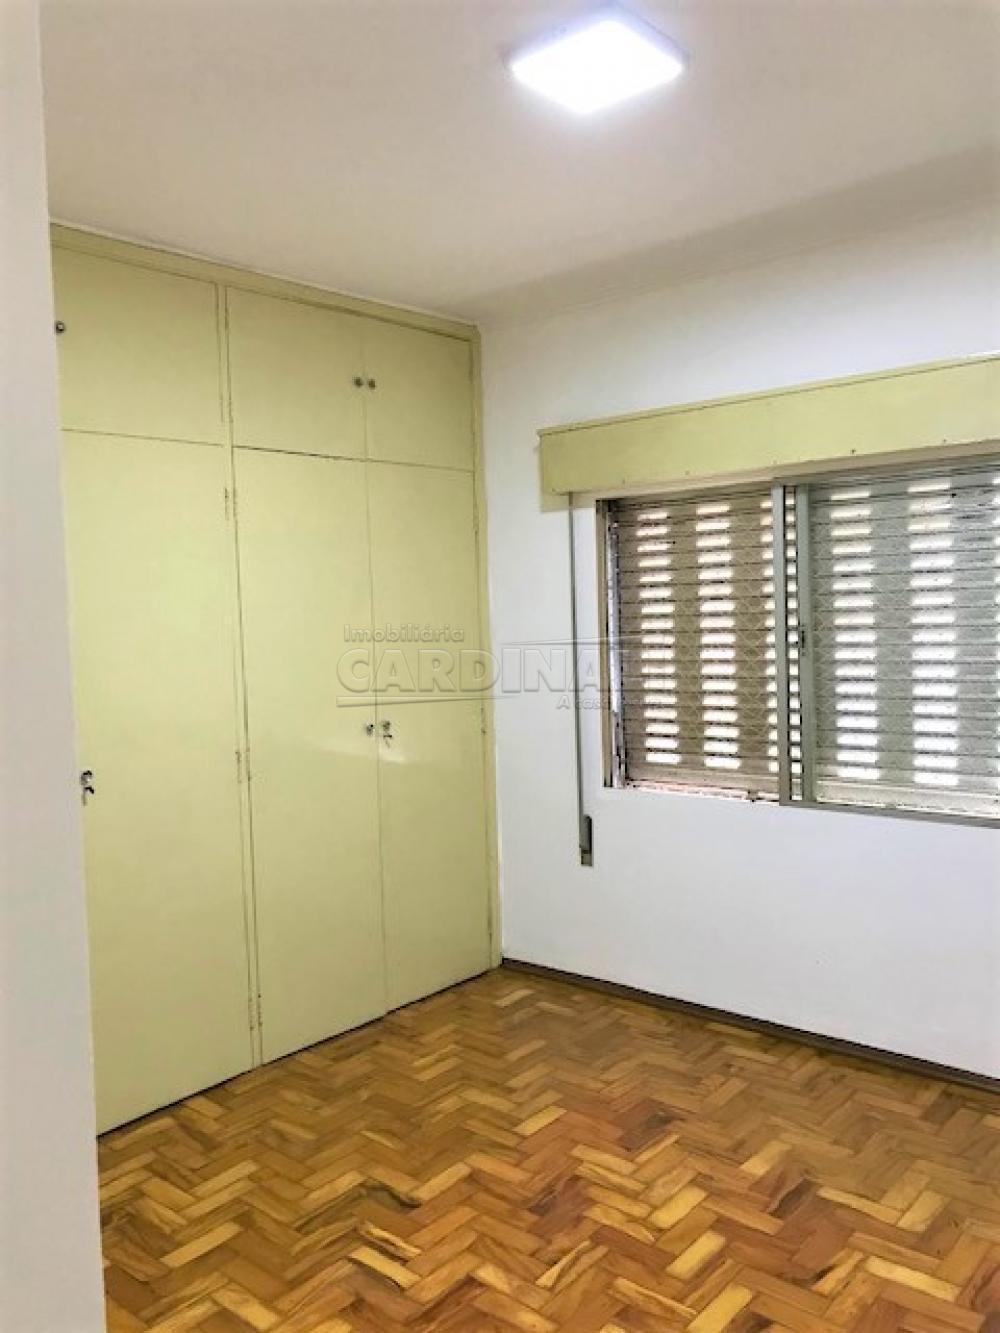 Comprar Apartamento / Padrão em São Carlos R$ 370.000,00 - Foto 31